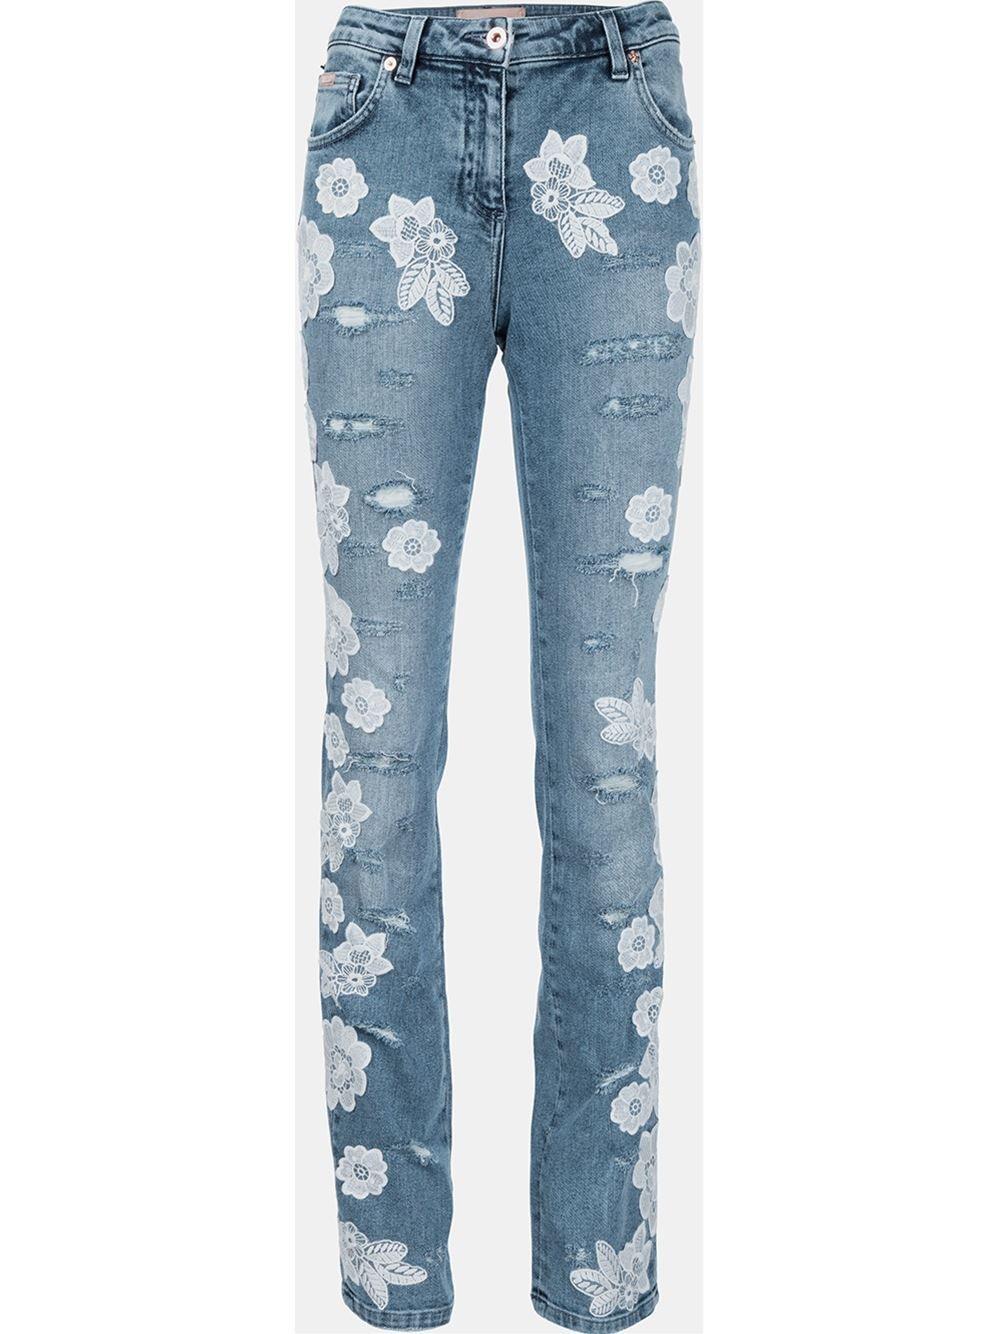 08ad0536b Blumarine Calça jeans com aplicações de renda | stiching | Lace ...